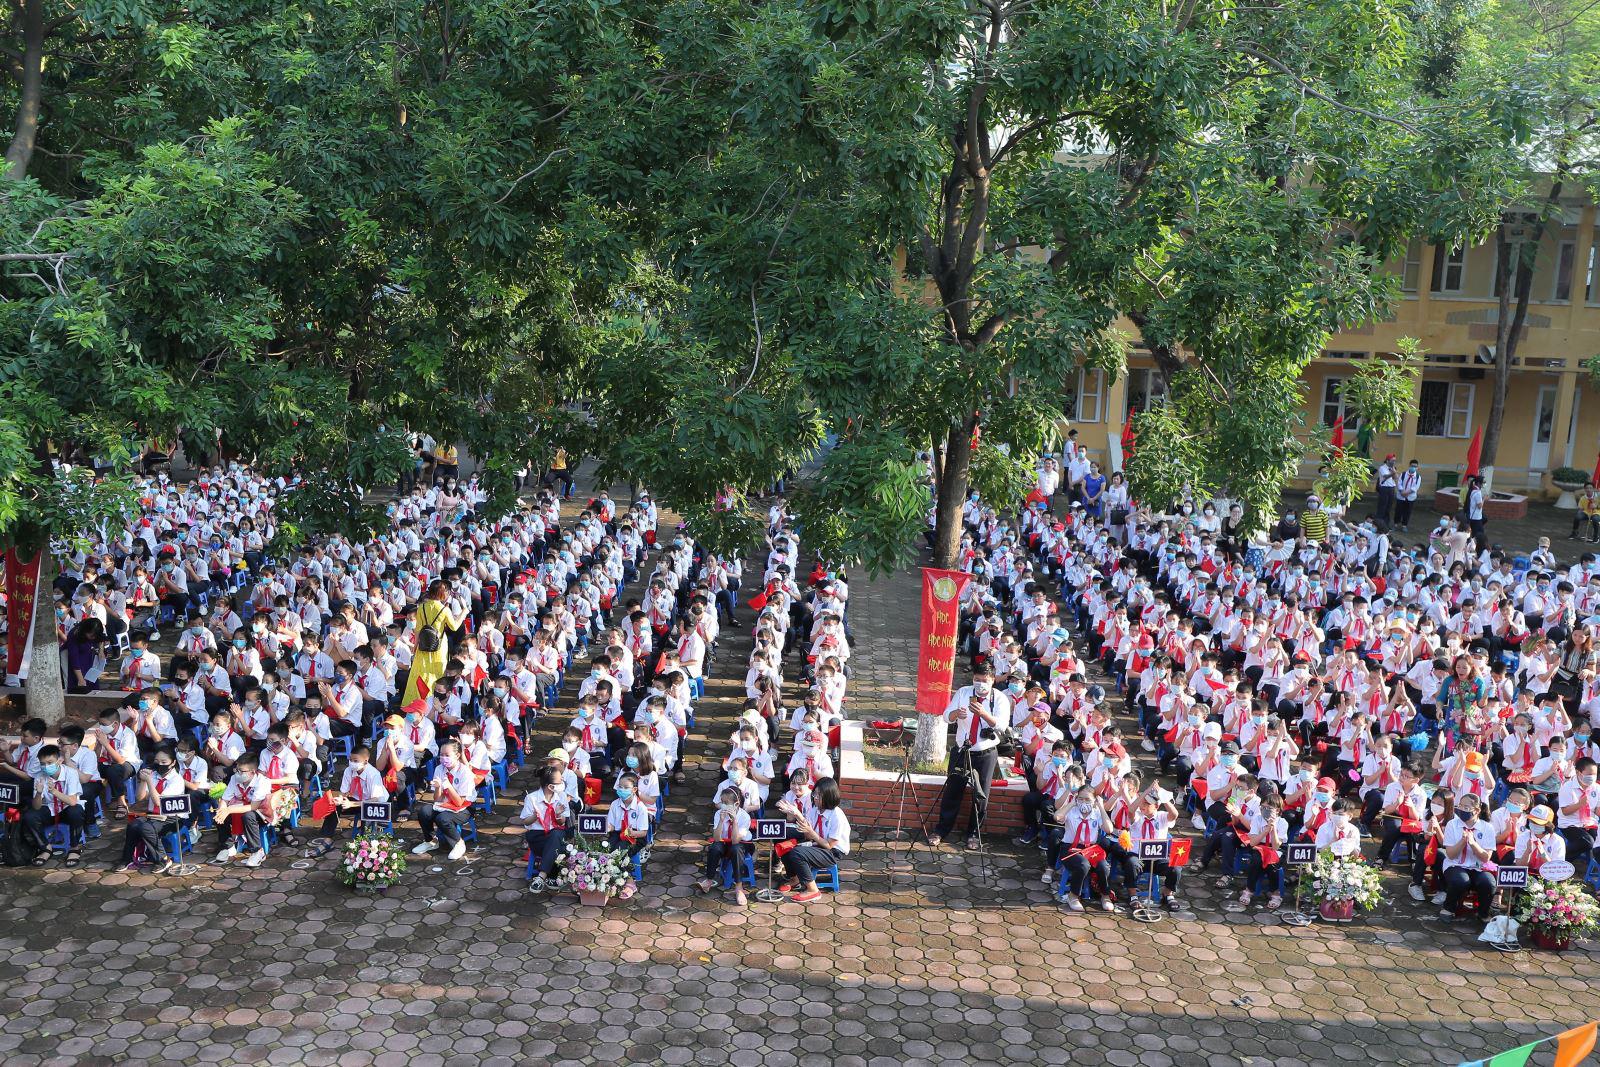 Trên 2.000 giáo viên, học sinh Trường THCS Nguyễn Trường Tộ khai giảng năm học mới - Ảnh 2.